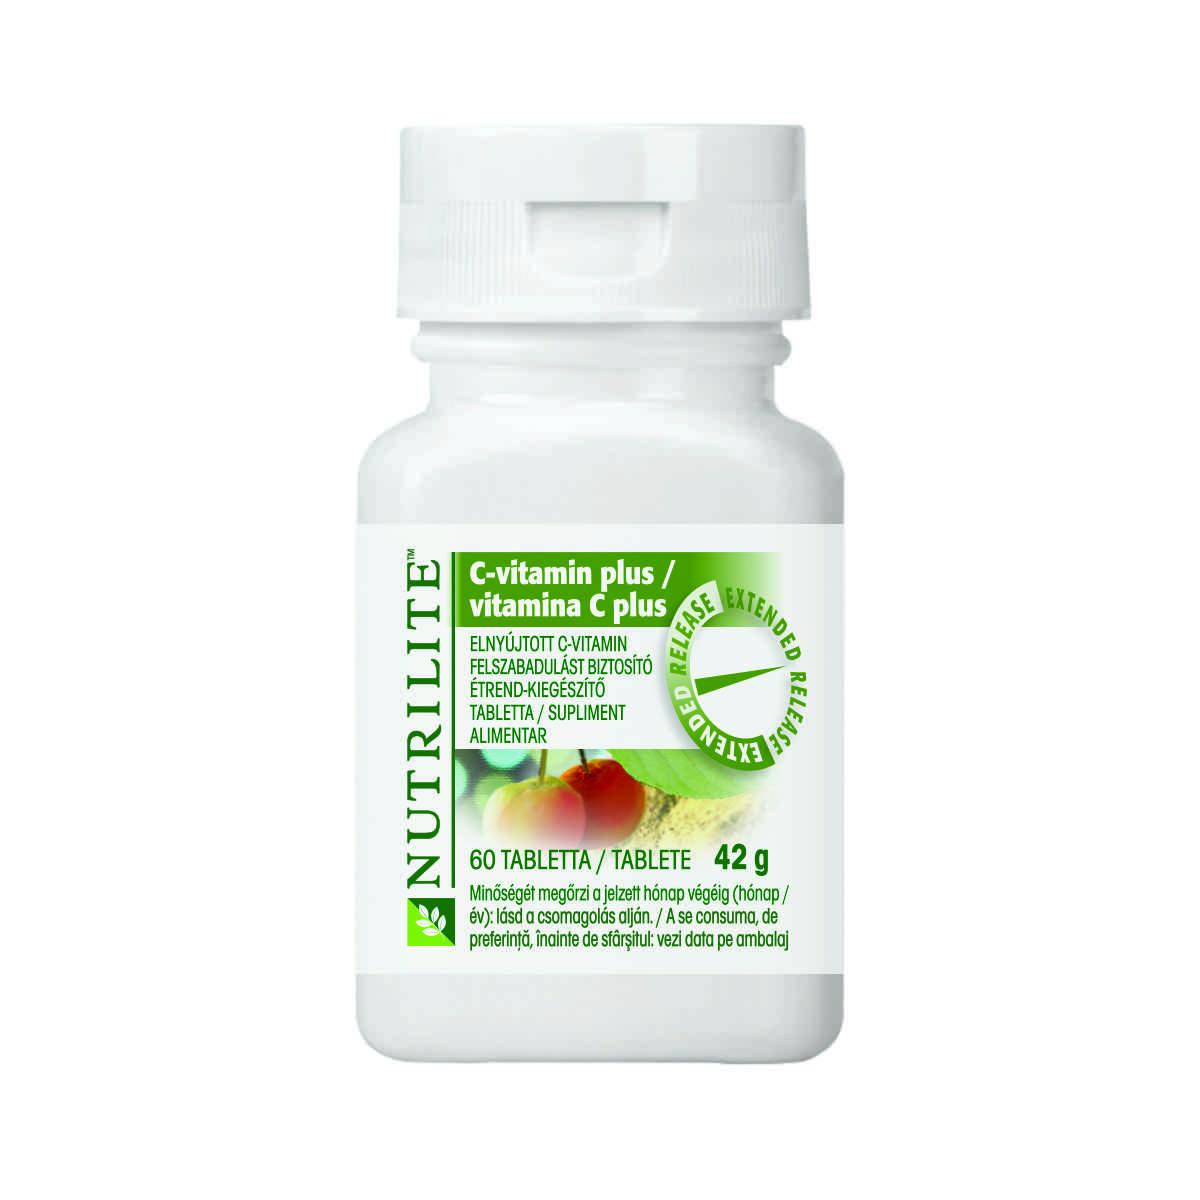 Product mockup/packshot for Vitamin C Plus 109741 109743